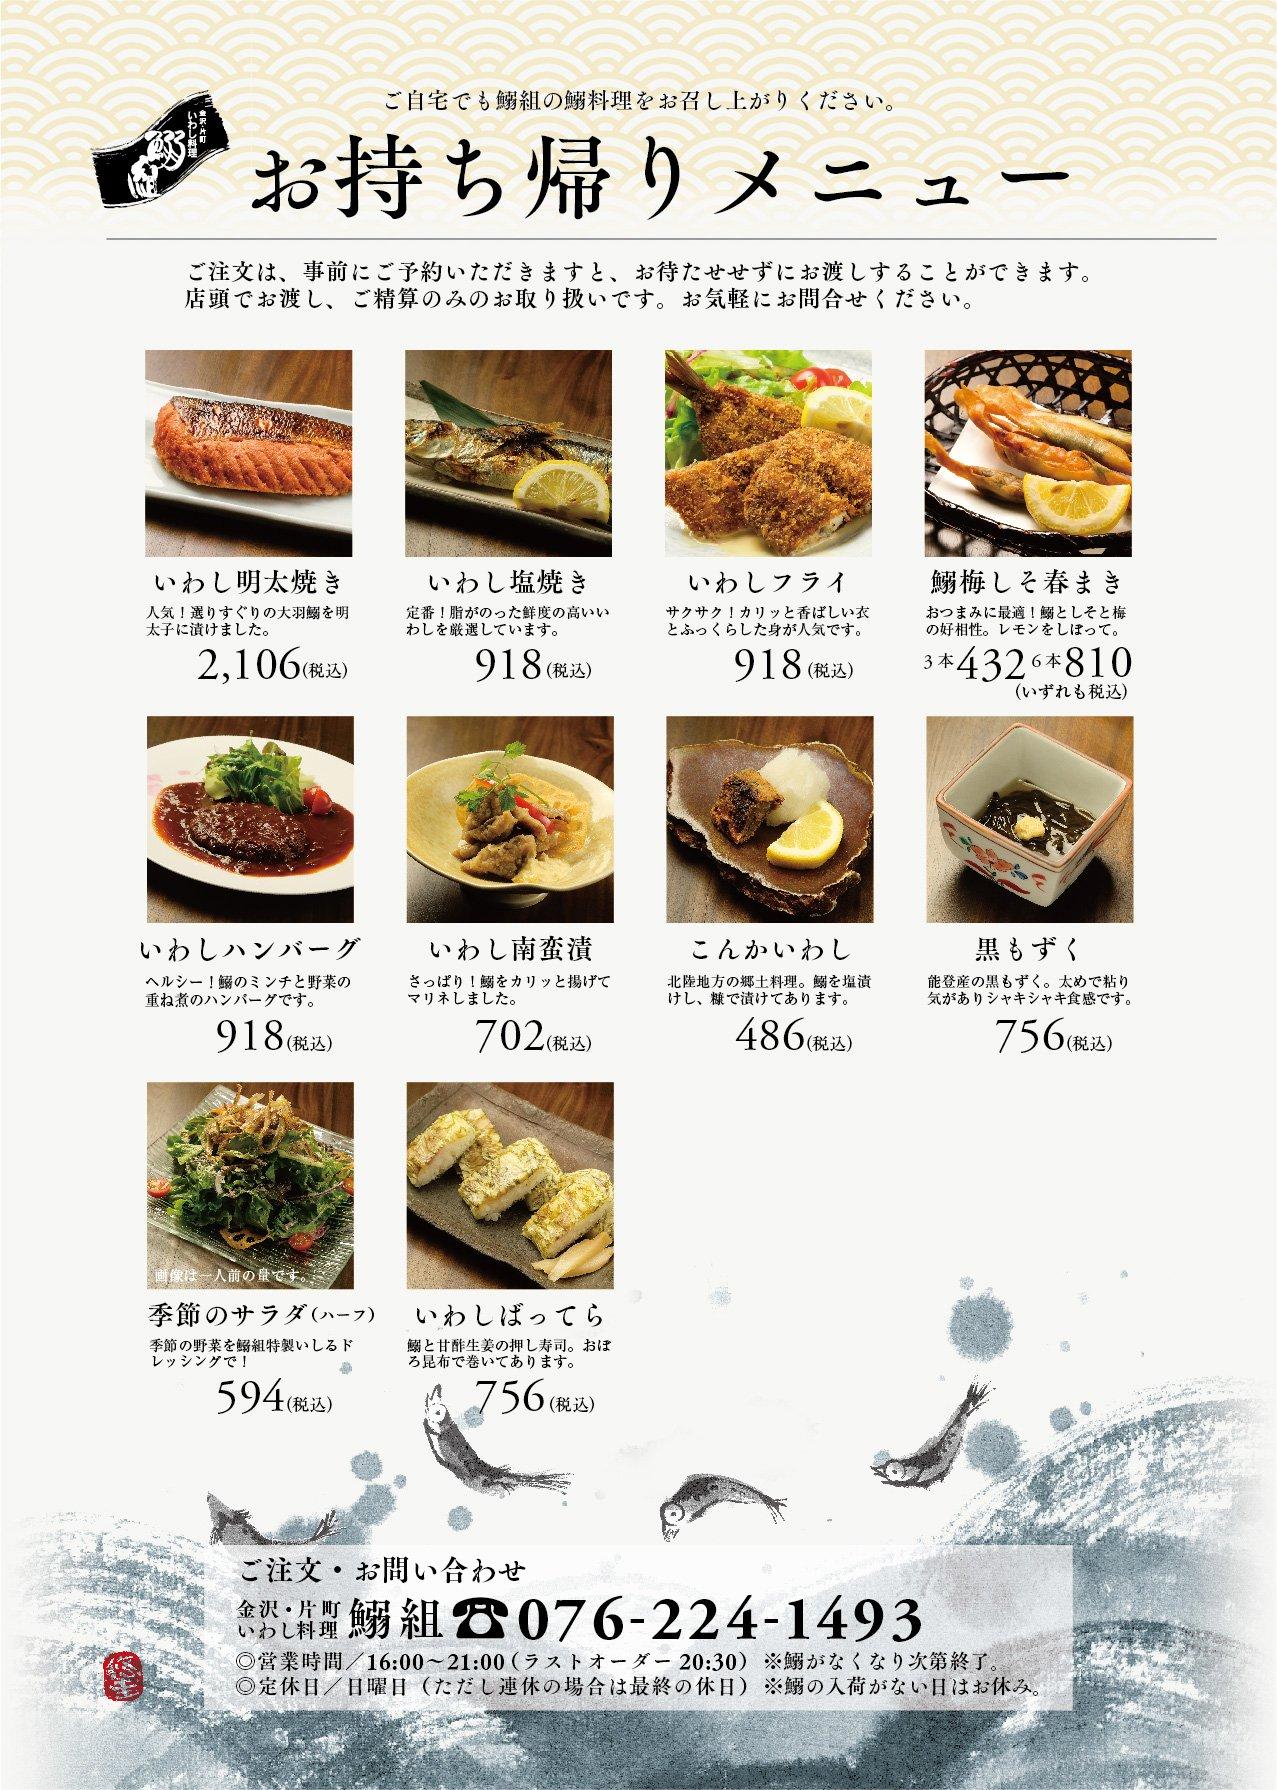 【ポイントでお得】お店でつかえる食事券5500(お買い物・テイクアウト利用可)のイメージその2